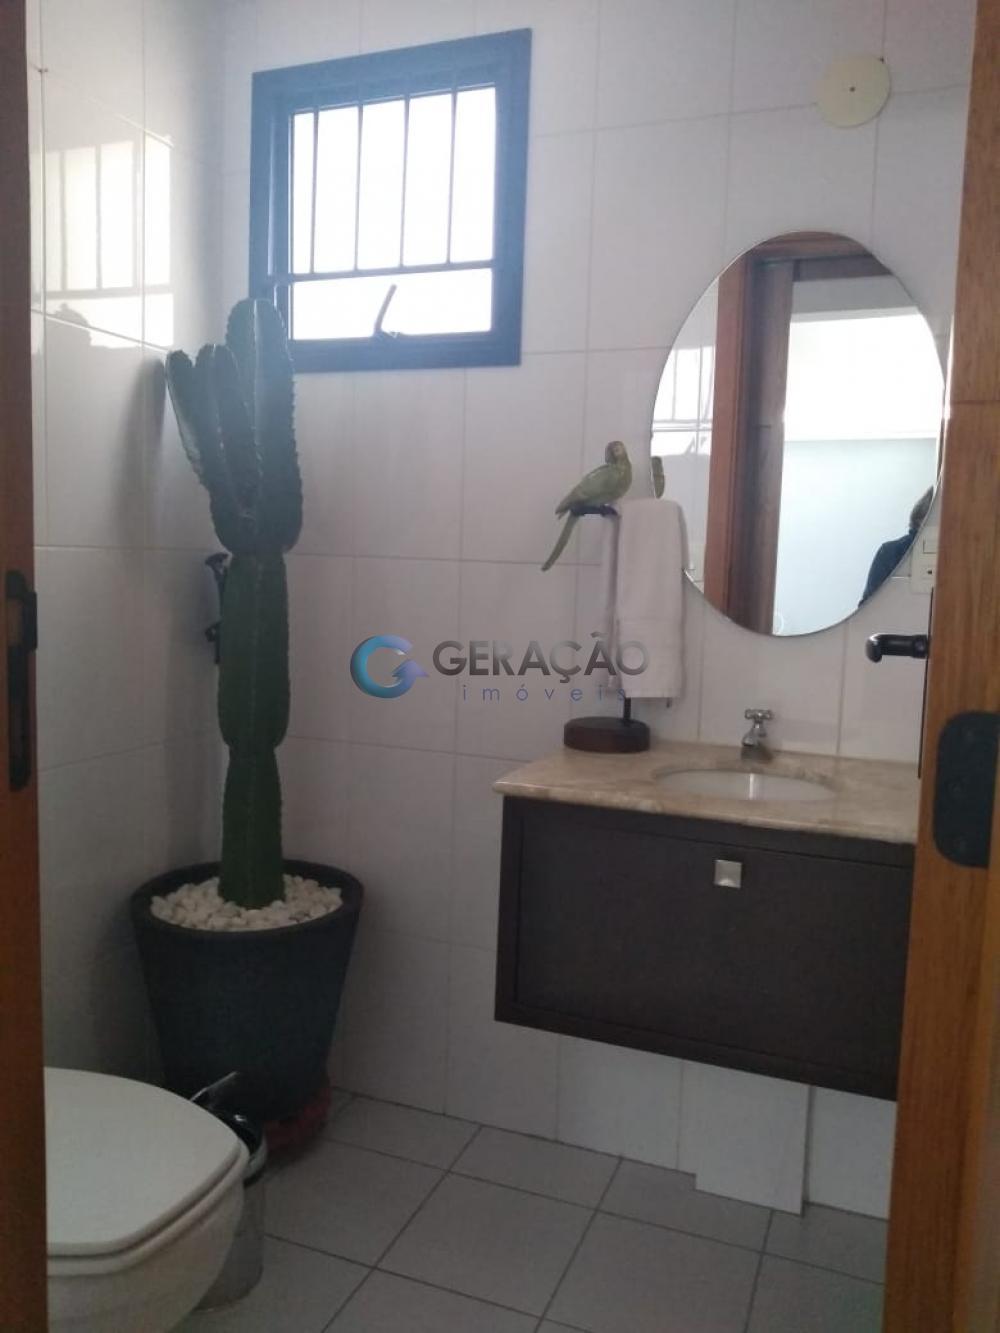 Comprar Apartamento / Padrão em São José dos Campos R$ 1.300.000,00 - Foto 8